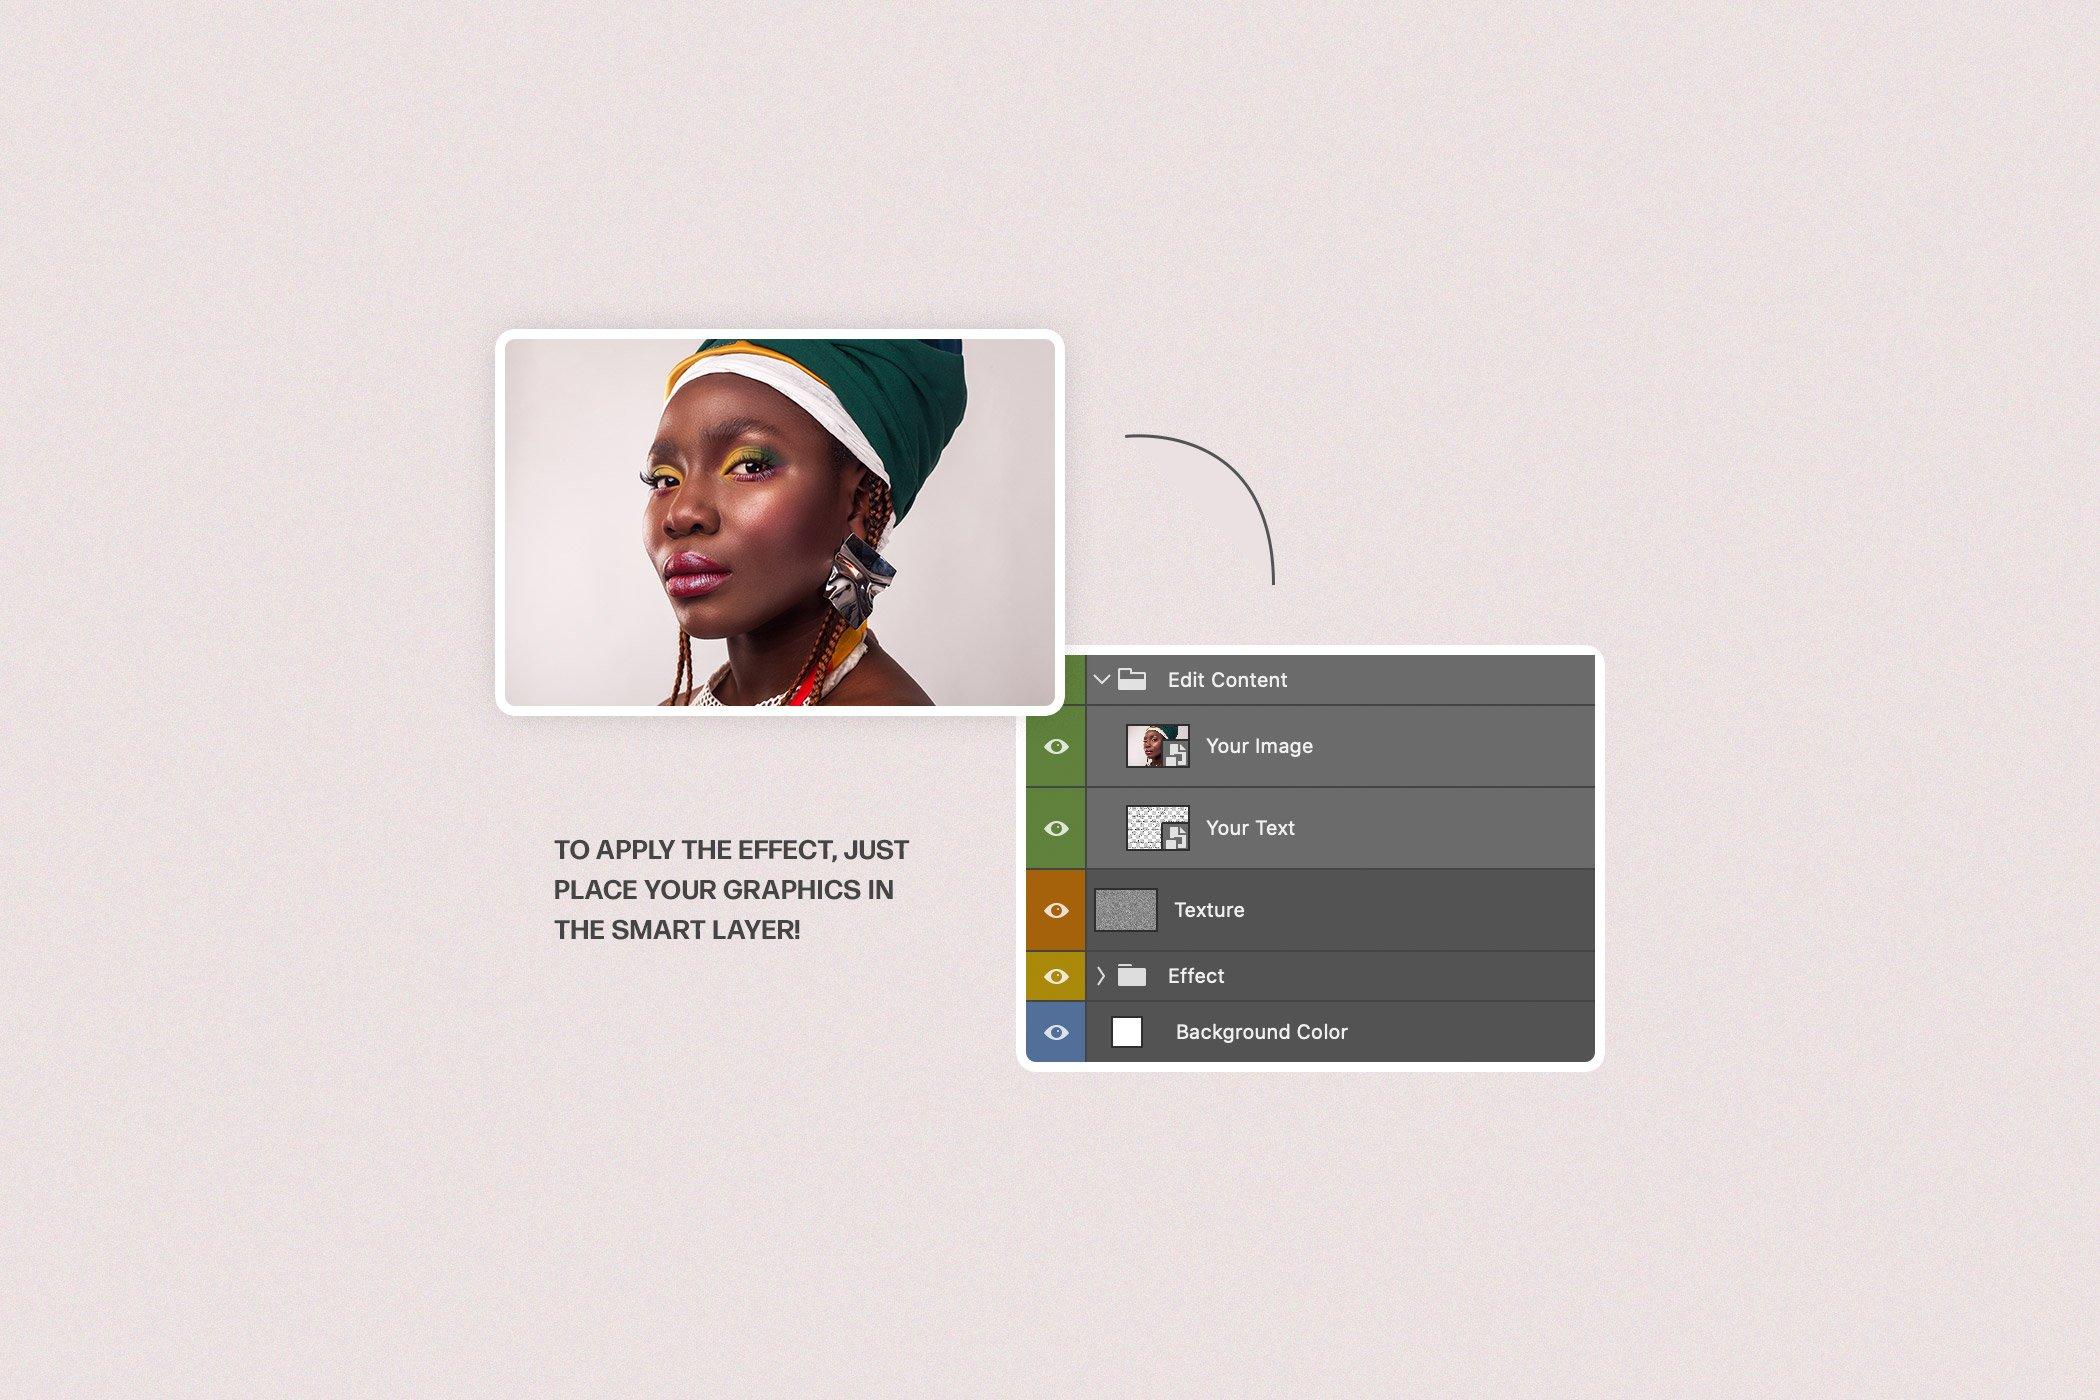 水彩泼墨混合艺术照片处理特效PS样式模板 Mixed Art Photo Effect插图5